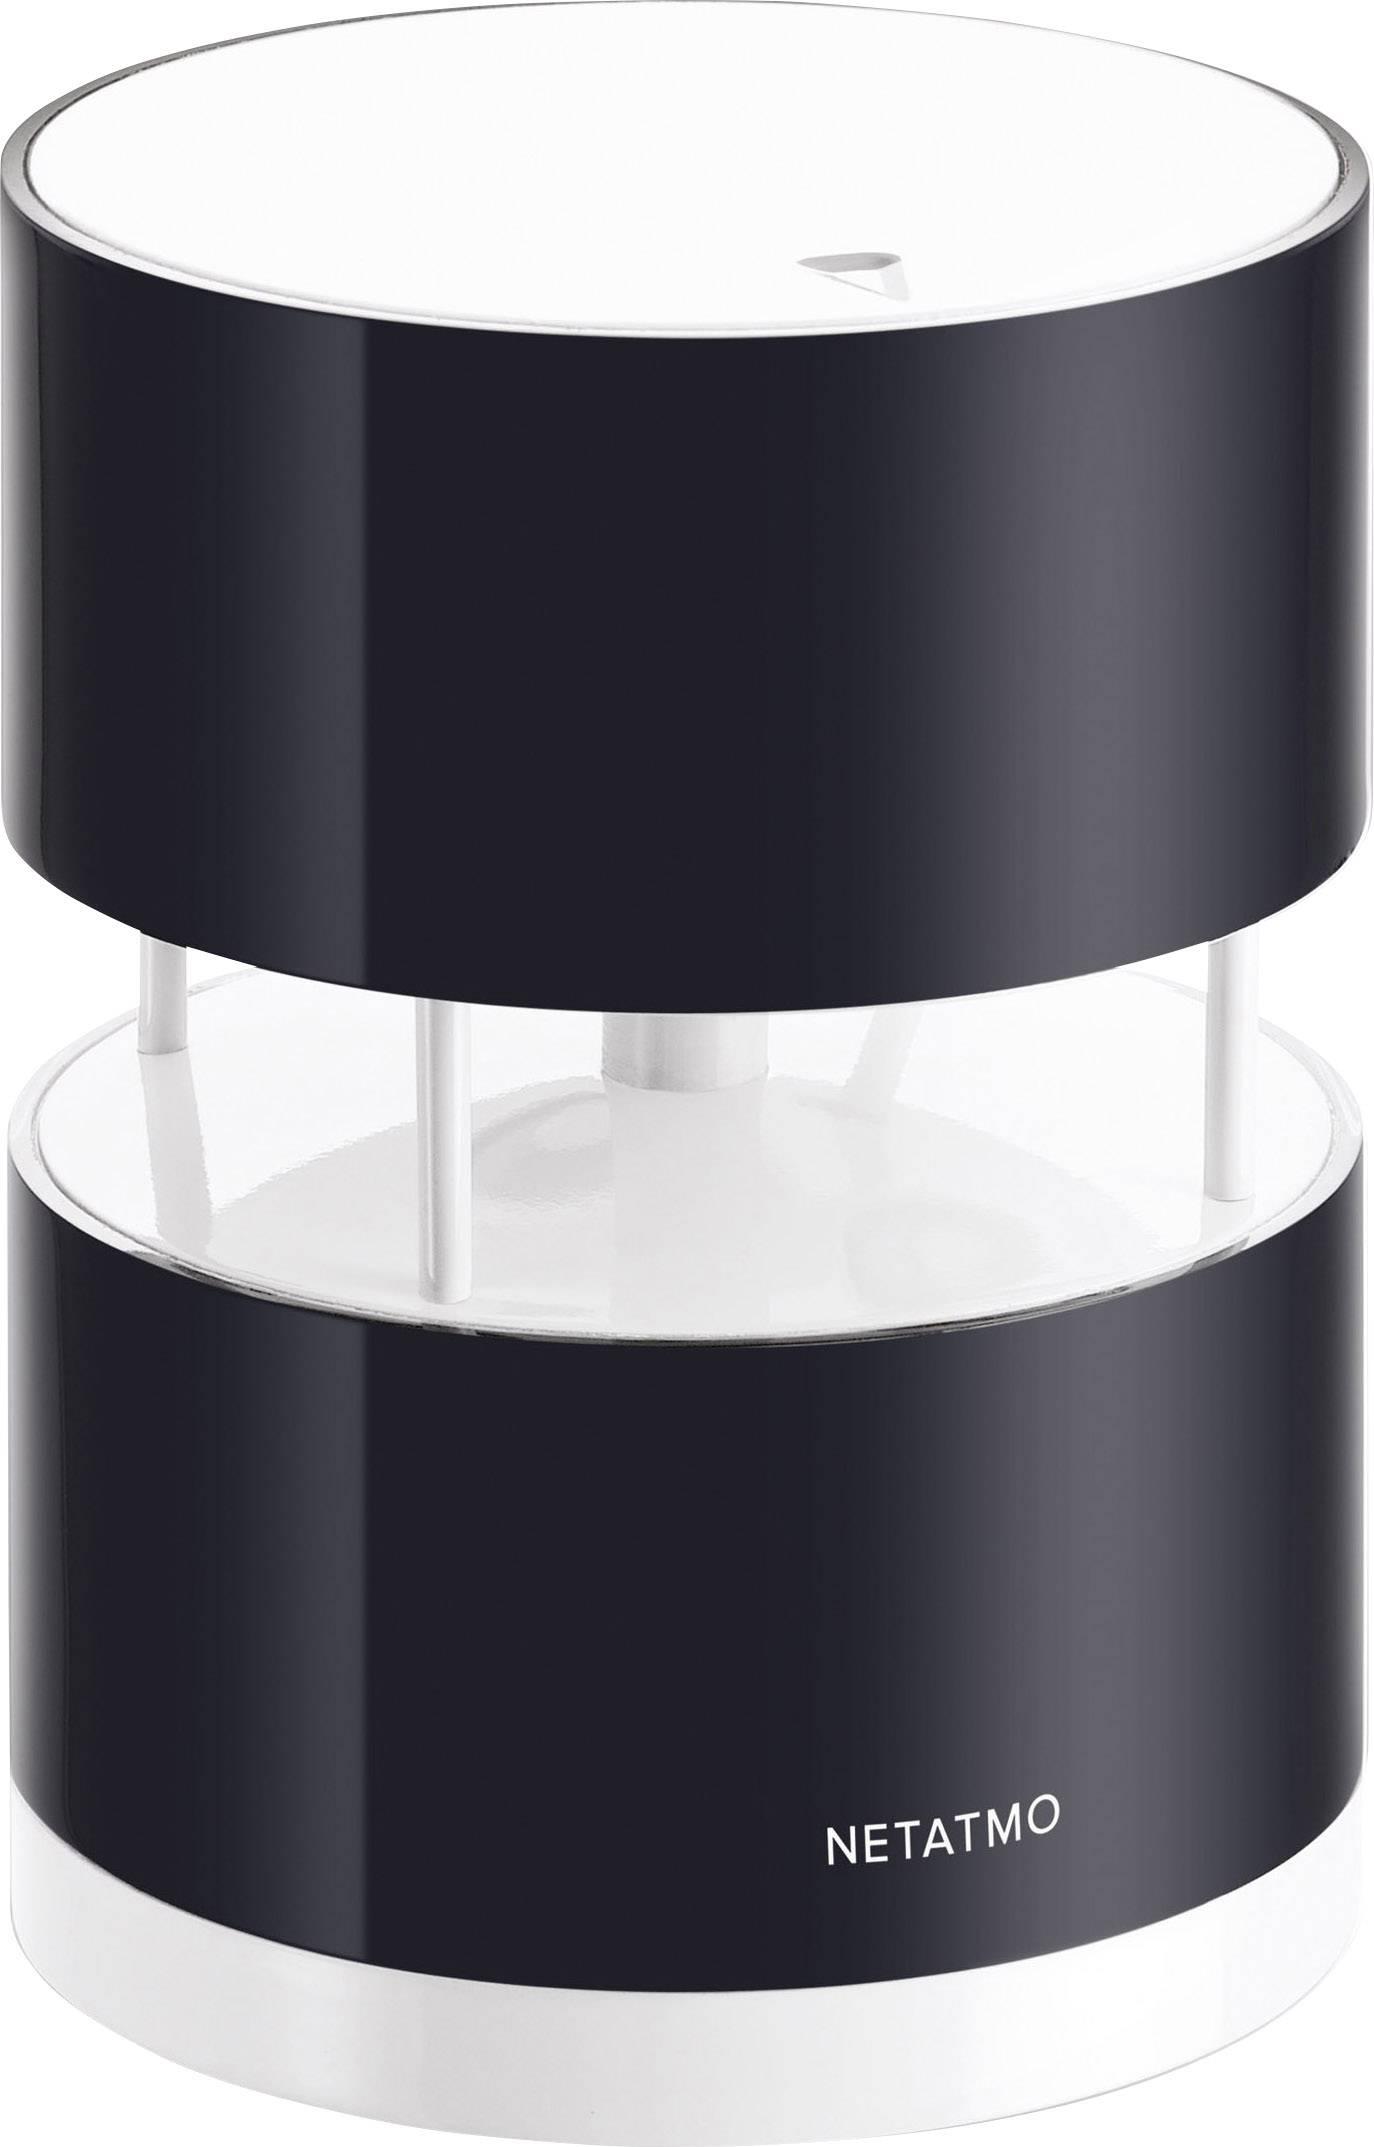 Ultrazvukový anemometer Netatmo NWA01-WW